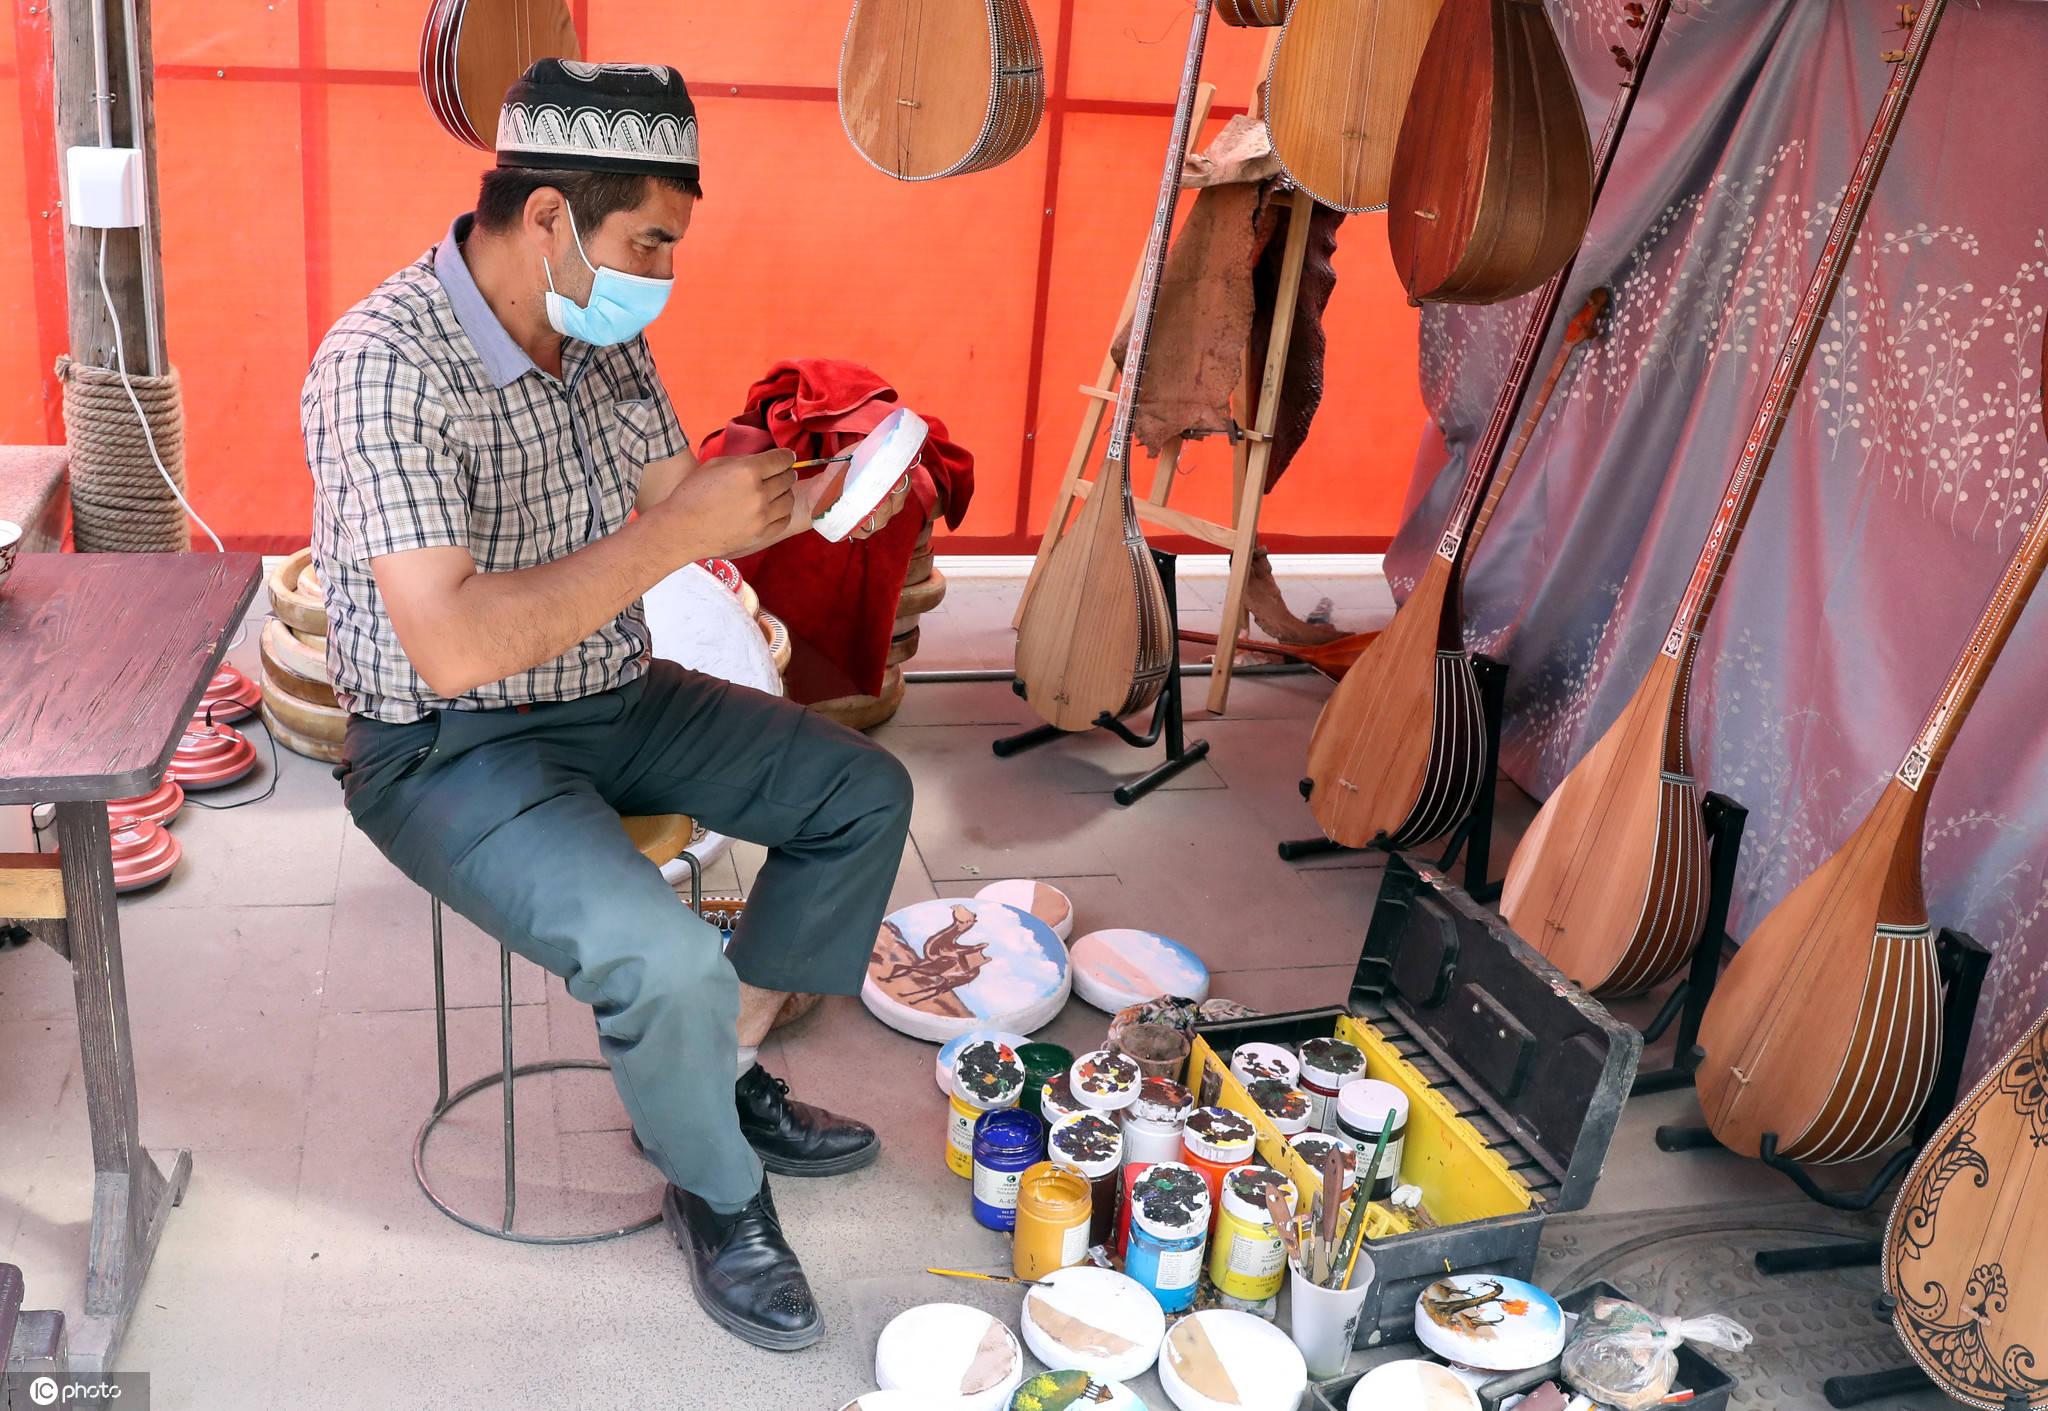 乌鲁木齐手鼓绘画助增收吸引众多游客前来选购日入千元